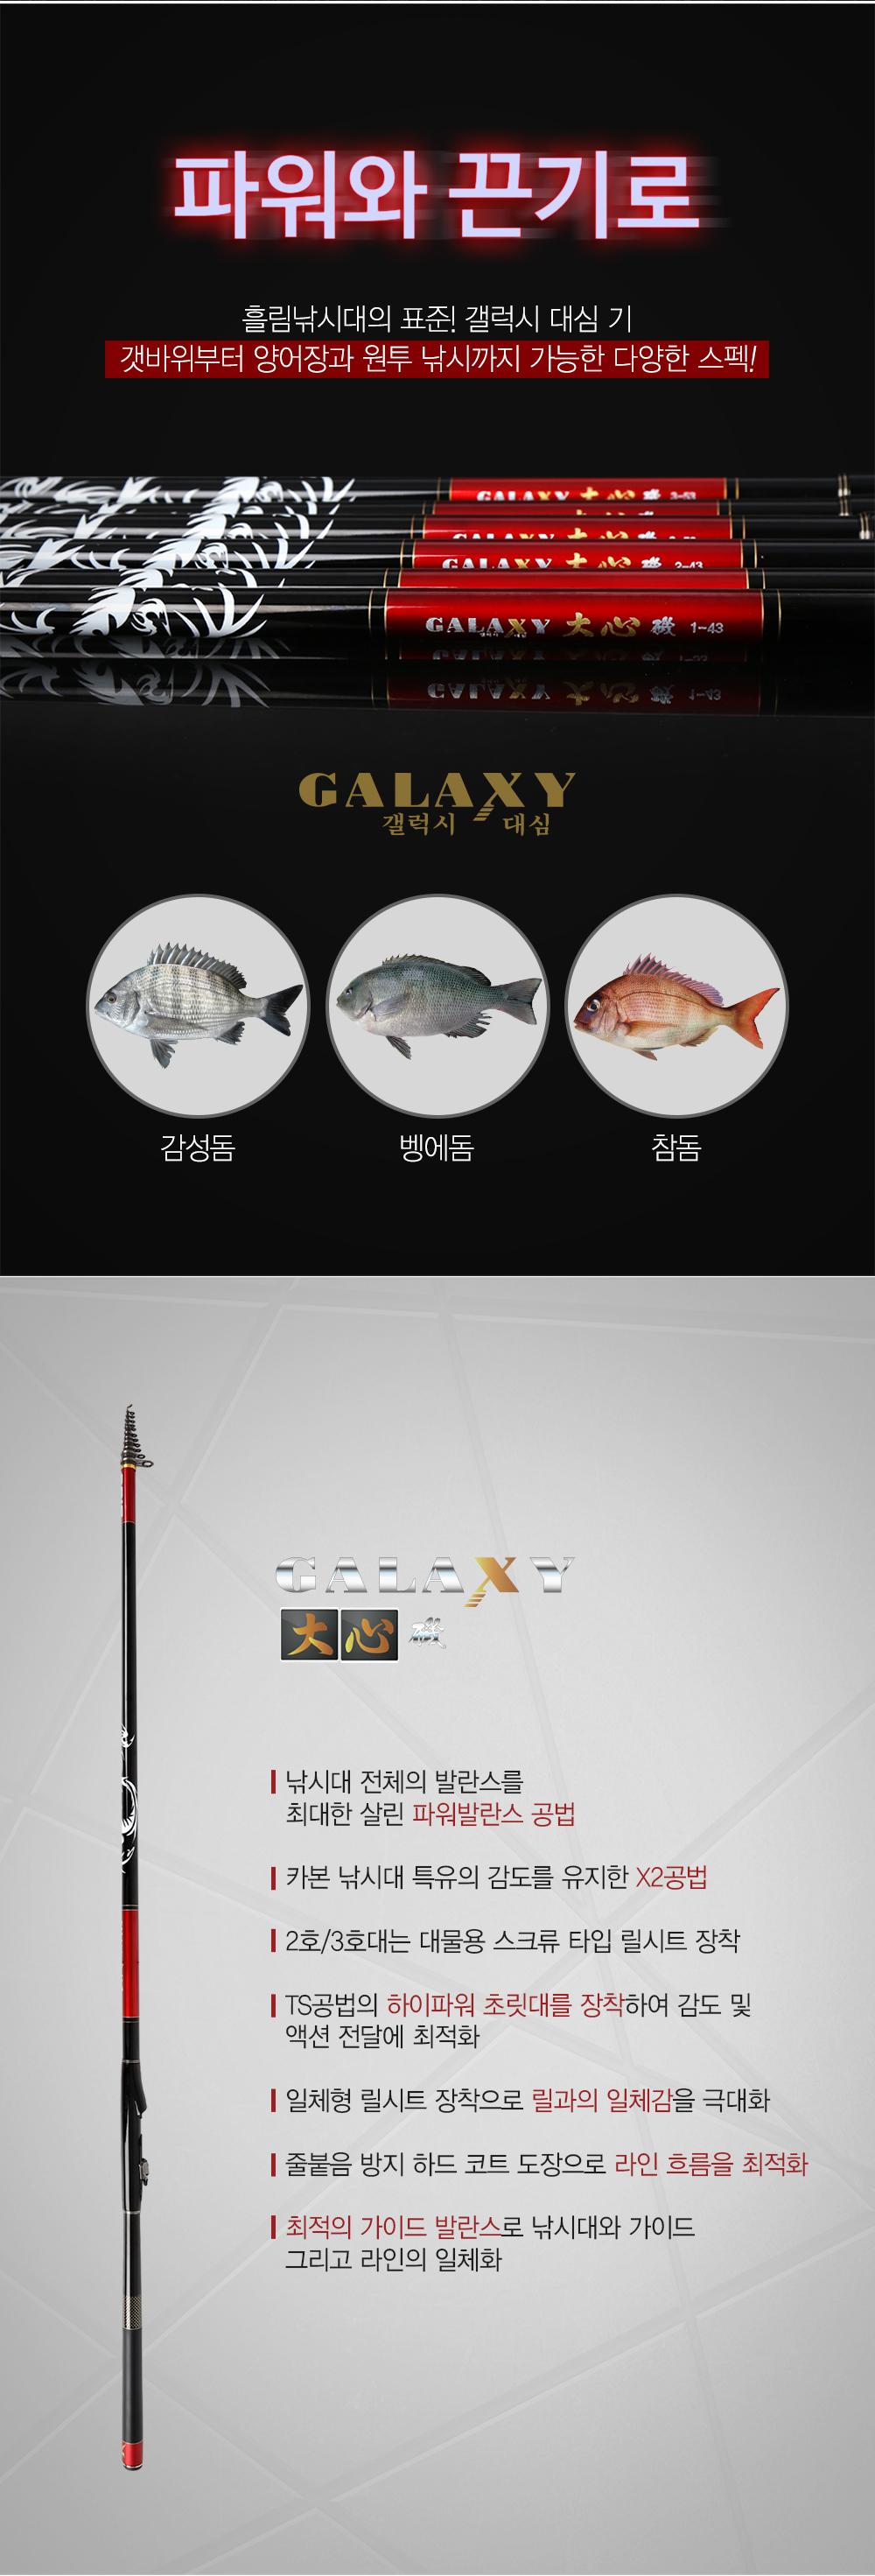 아피스 갤럭시 대심기 갯바위 릴 찌낚시대 (1년1회 50%무상보증) 겔럭시 갯바위 양어장 유료 원투 참돔 감성돔 벵에돔 고등어 학꽁치 잡어 릴낚시대 우끼스리 이소 iso